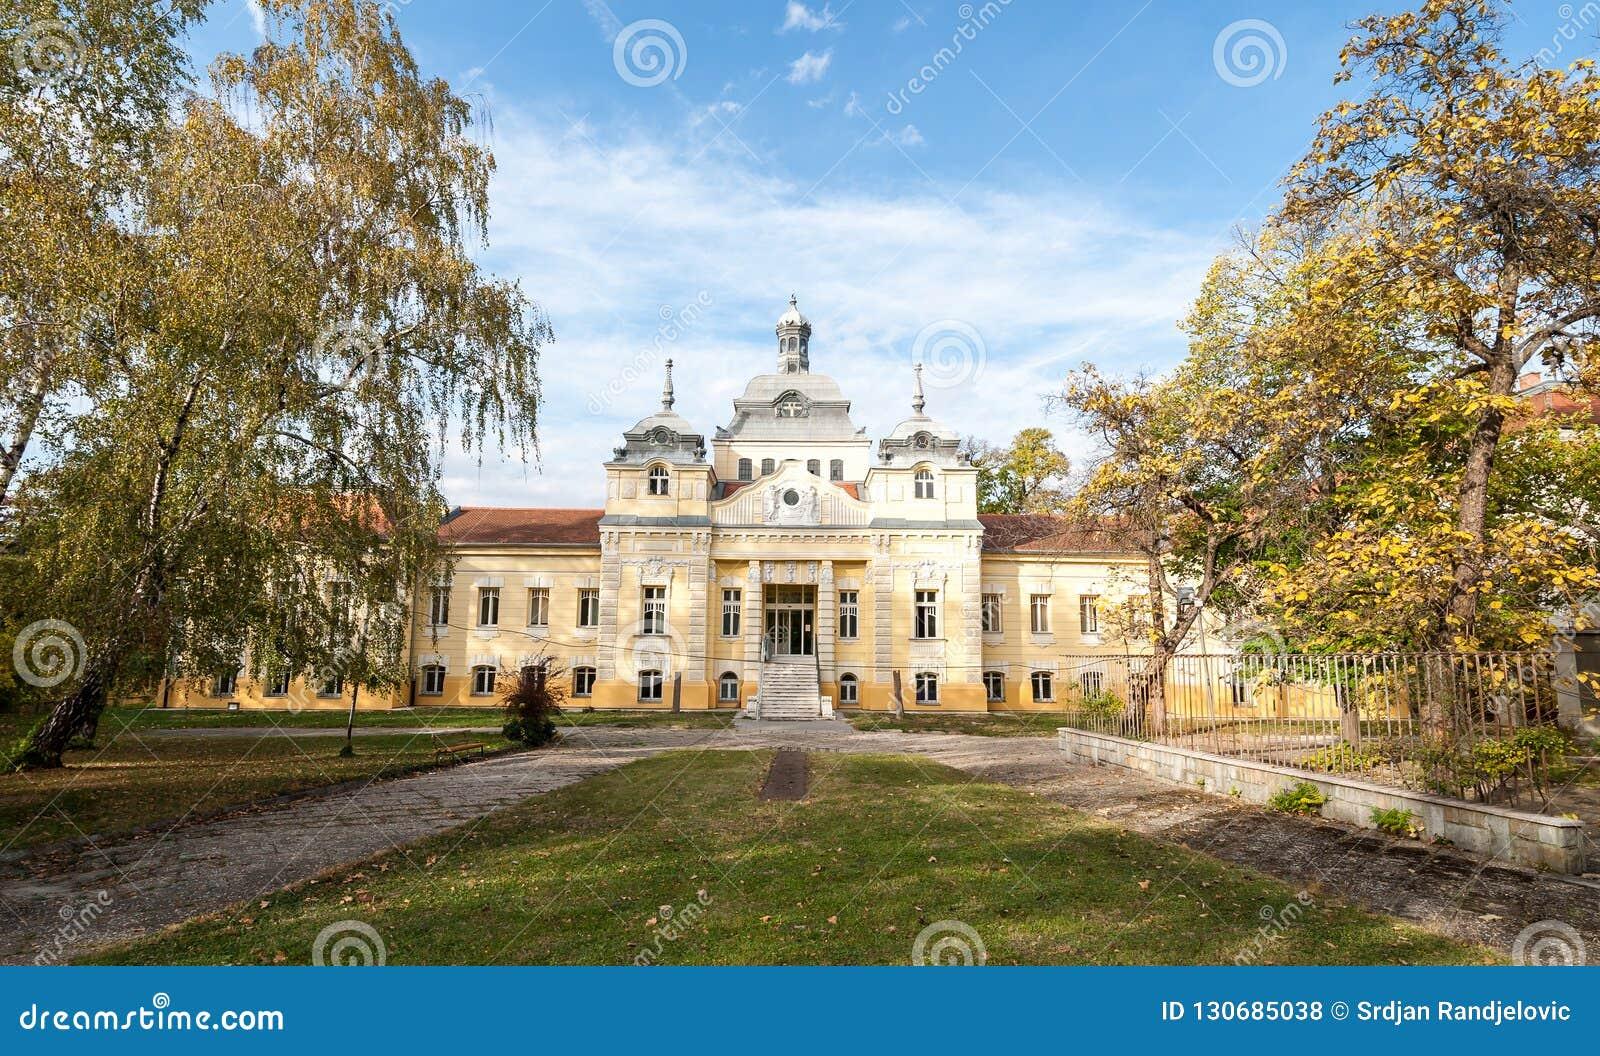 Balneario del yodo - hospital en institución médica pública de la atención sanitaria de Novi Sad, Serbia